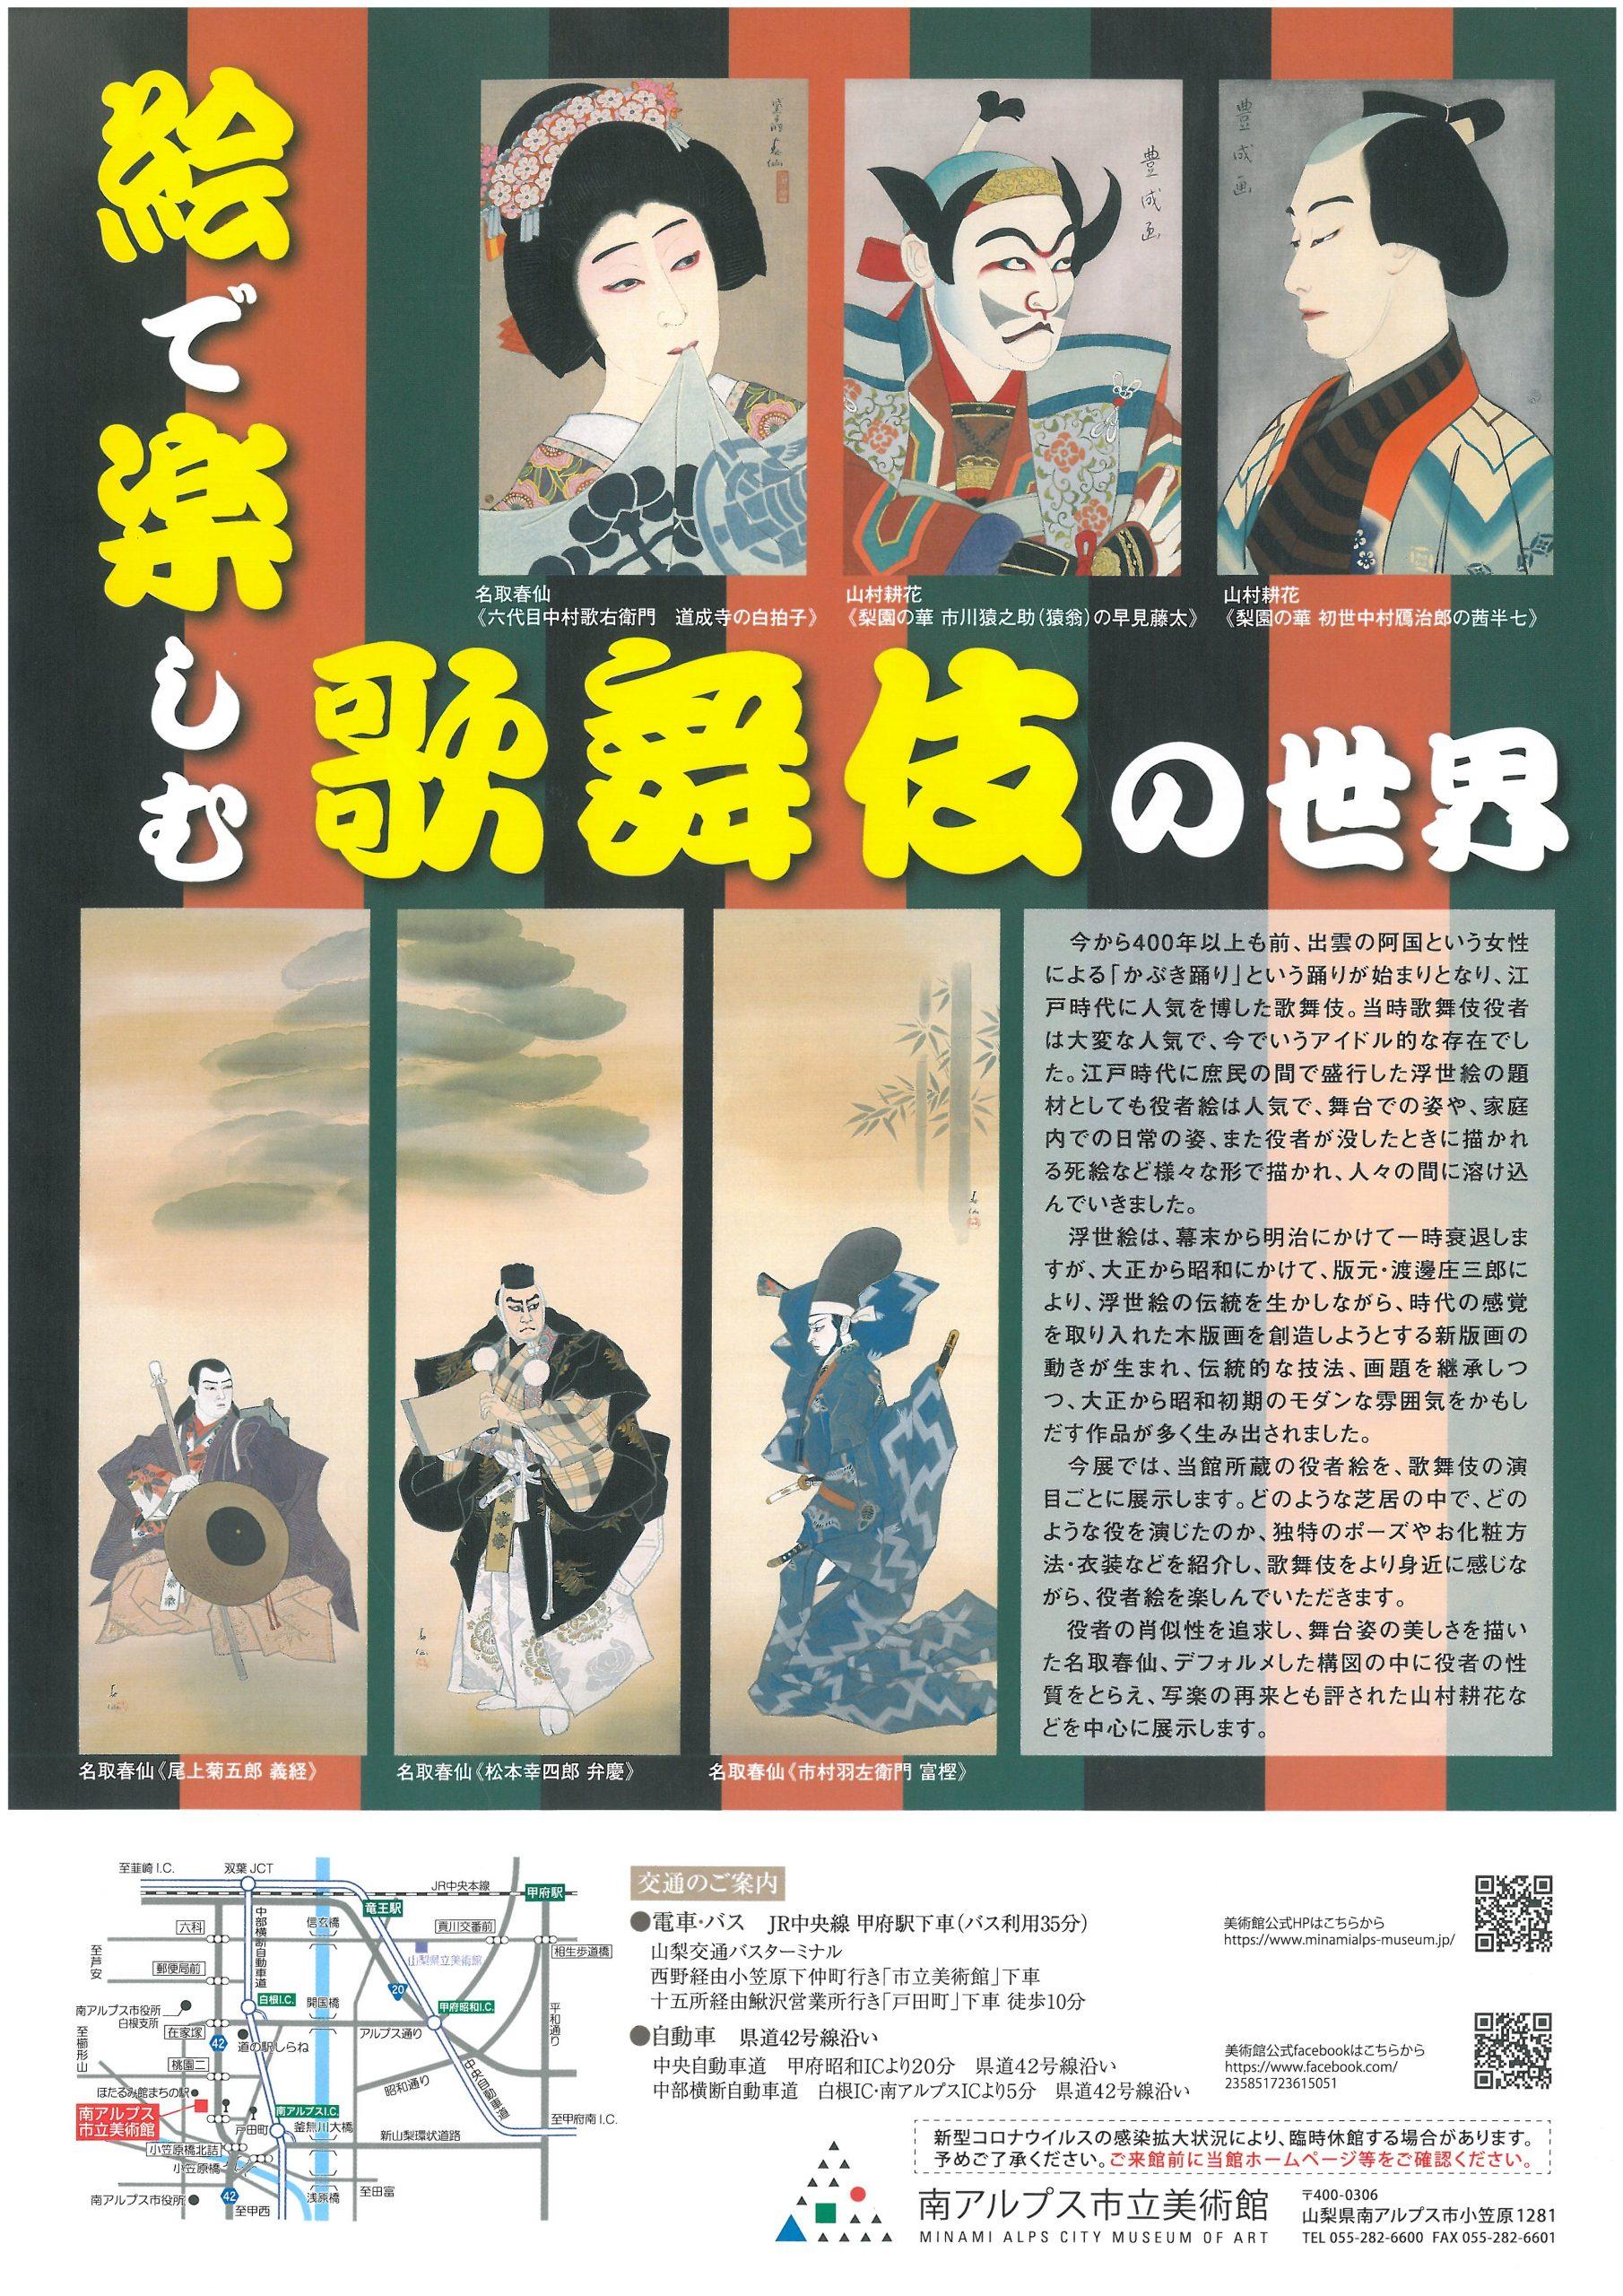 【絵で楽しむ歌舞伎の世界】in南アルプス市立美術館